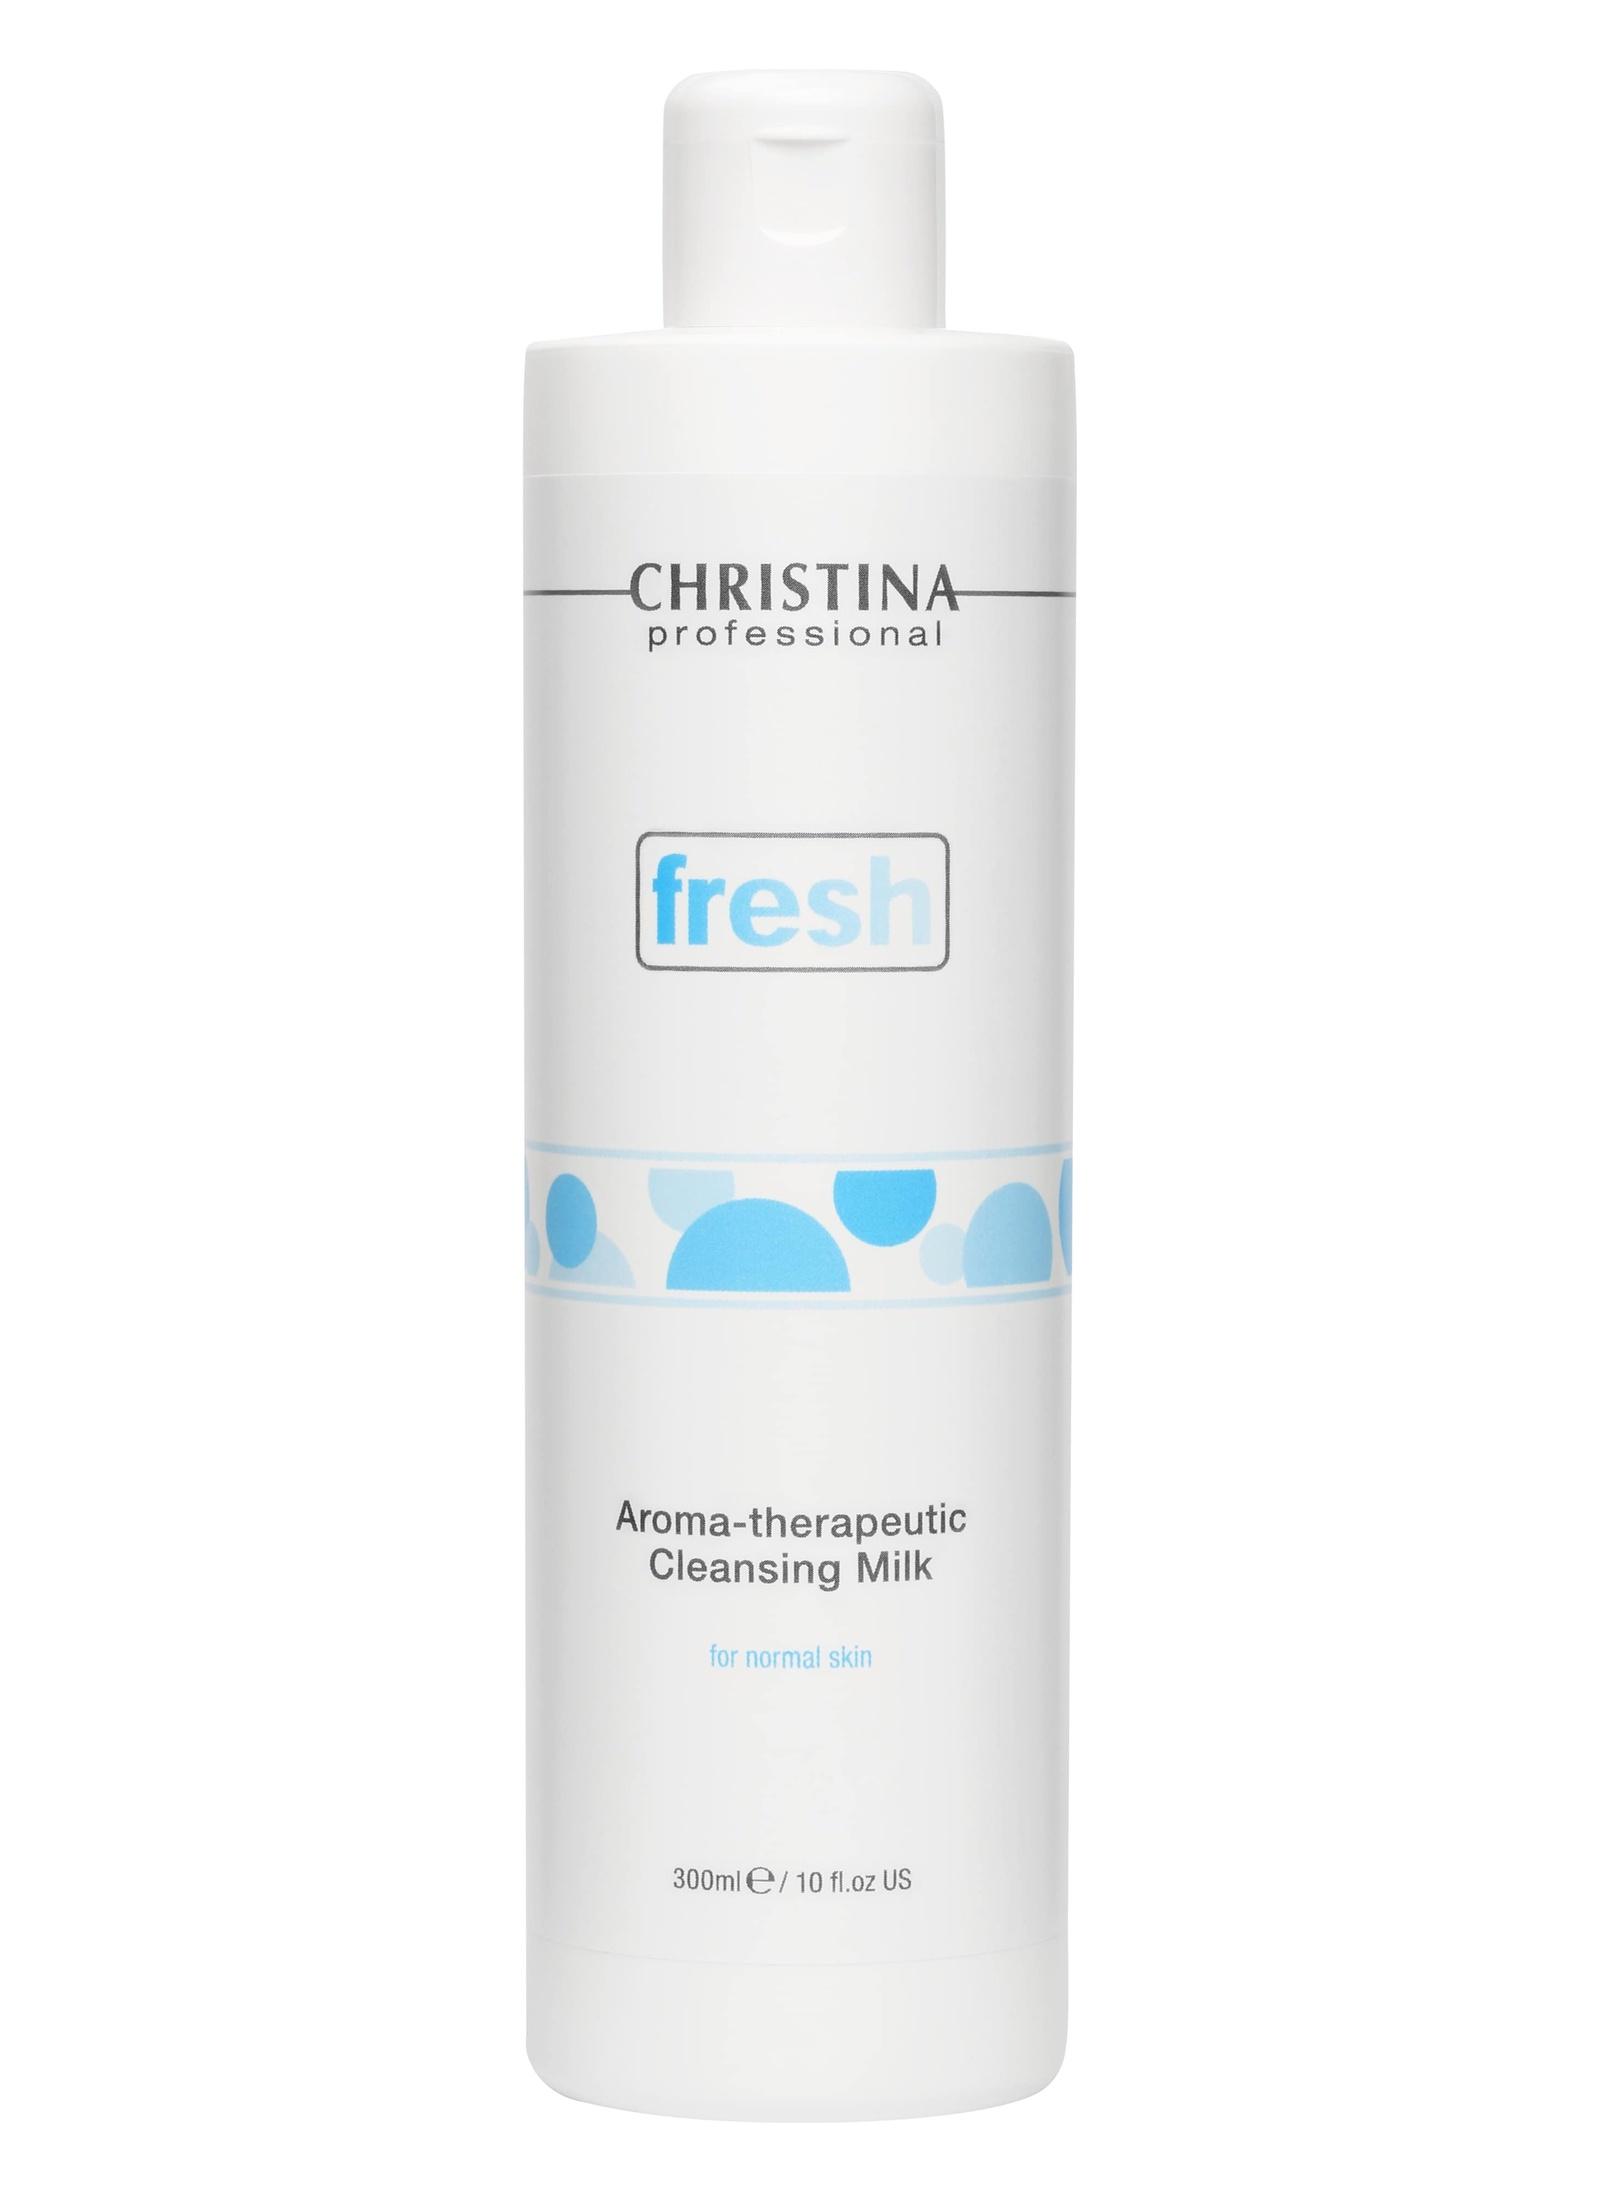 Молочко косметическое CHRISTINA Очищающее для нормальной кожи Fresh Aroma Therapeutic Cleansing Milk for normal skin